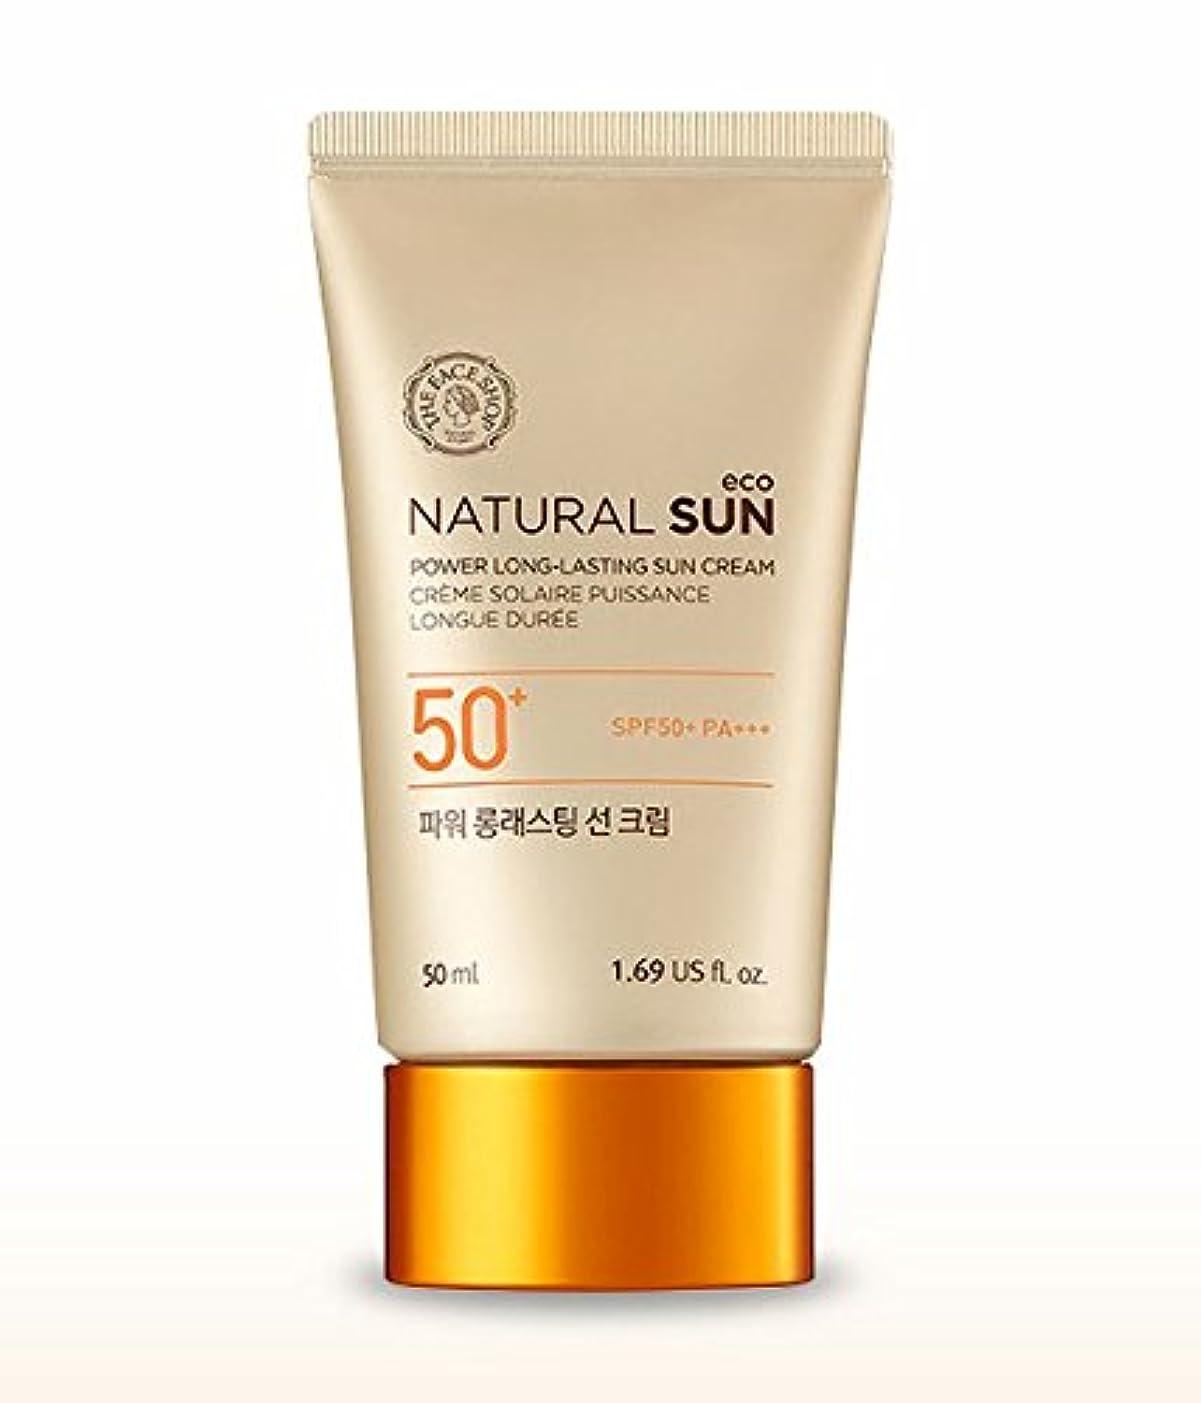 遅い乳白居心地の良いTHE FACE SHOP Natural Sun Eco Power Long Lasting Sun Cream 50mlザフェイスショップ ナチュラルサンパワーロングラスティングサンクリーム [並行輸入品]